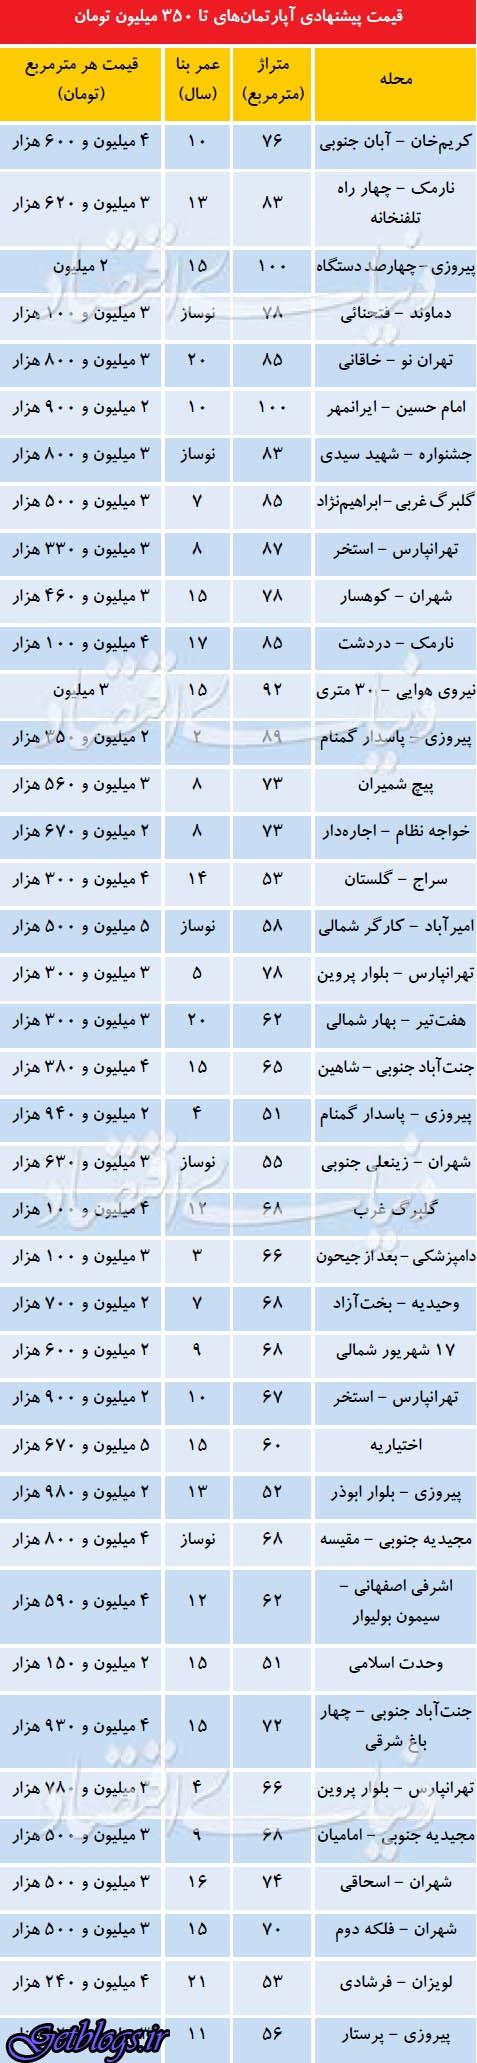 لیست آپارتمانهای کمتر از 350 میلیون تومان در پایتخت کشور عزیزمان ایران